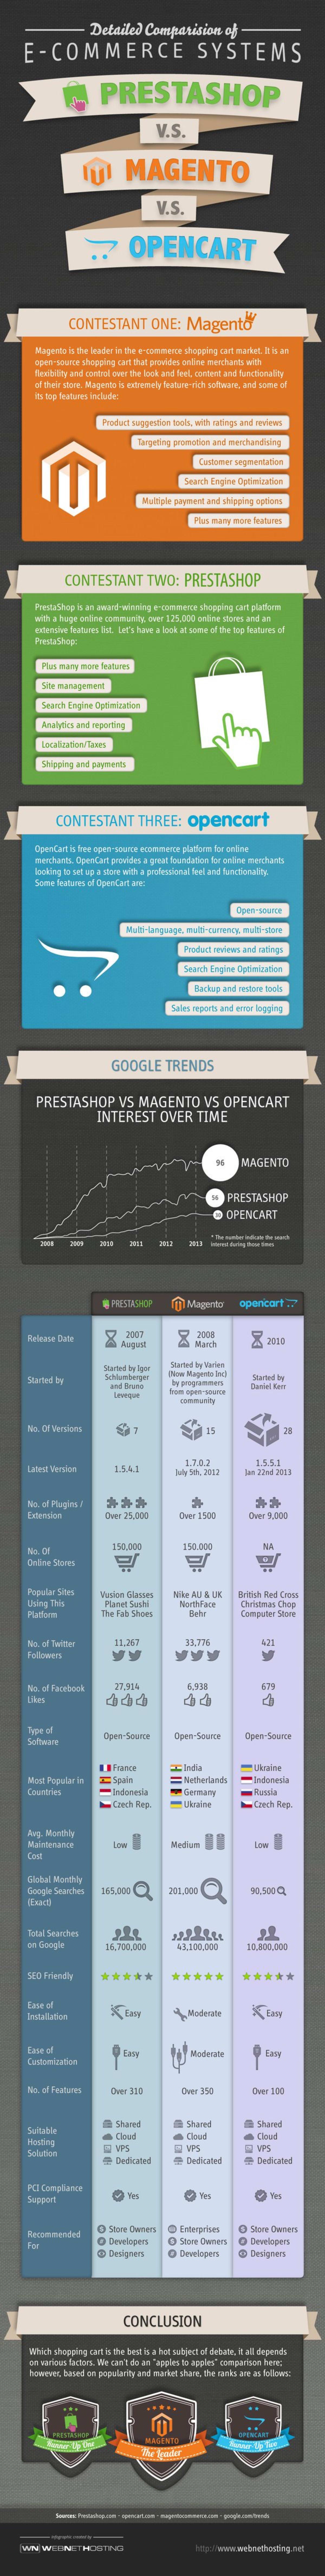 Prestashop infographic.